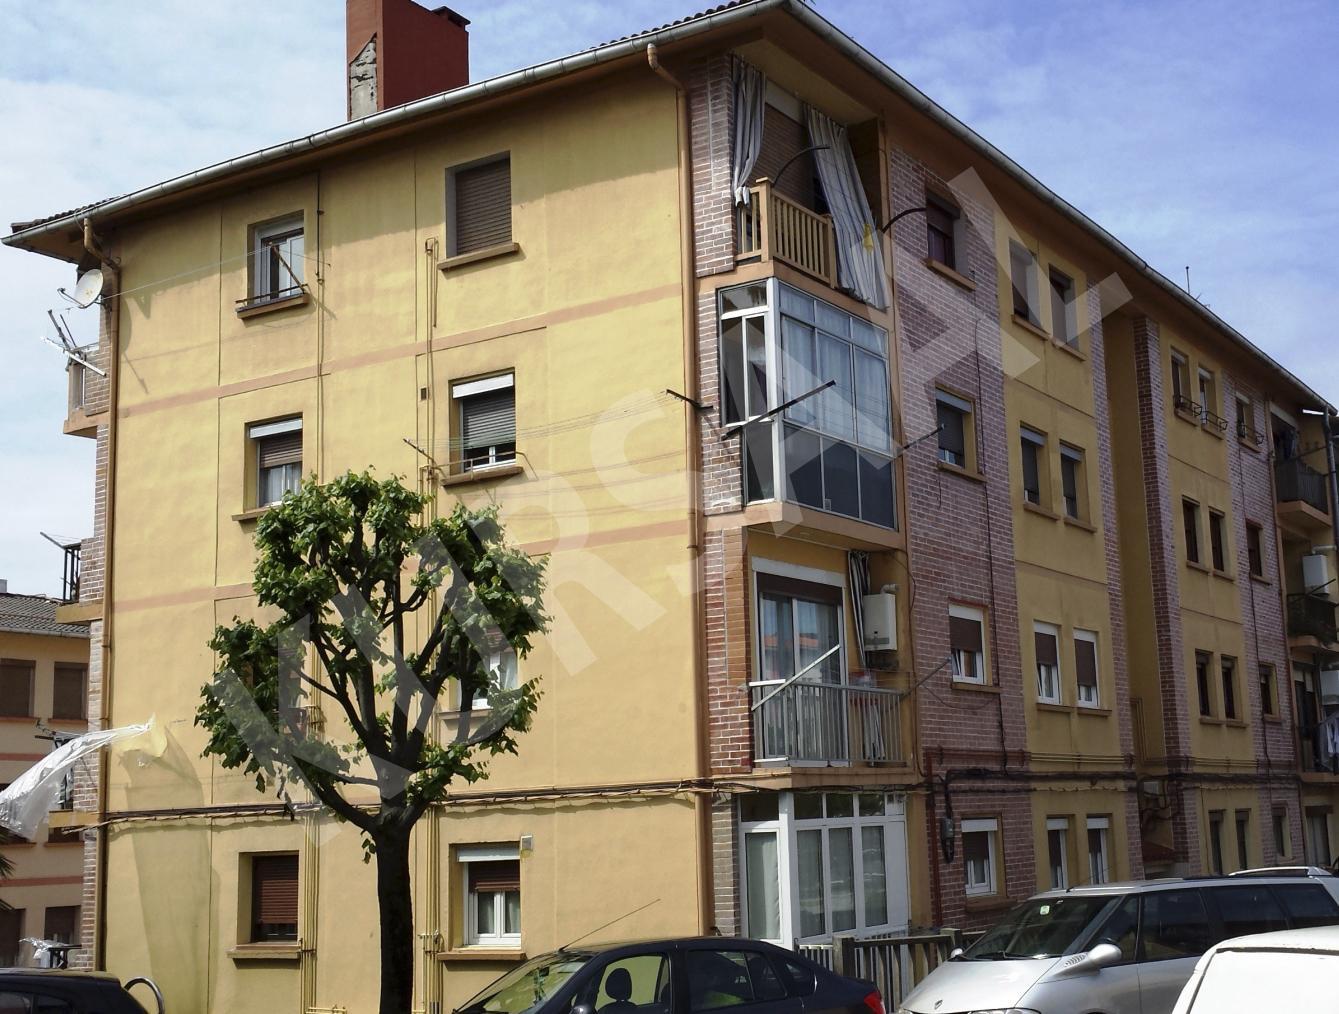 foto 1 - Aislamientos Térmicos y Eficiencia Energética-Roteta 8-DONOSTIA, GIPUZKOA